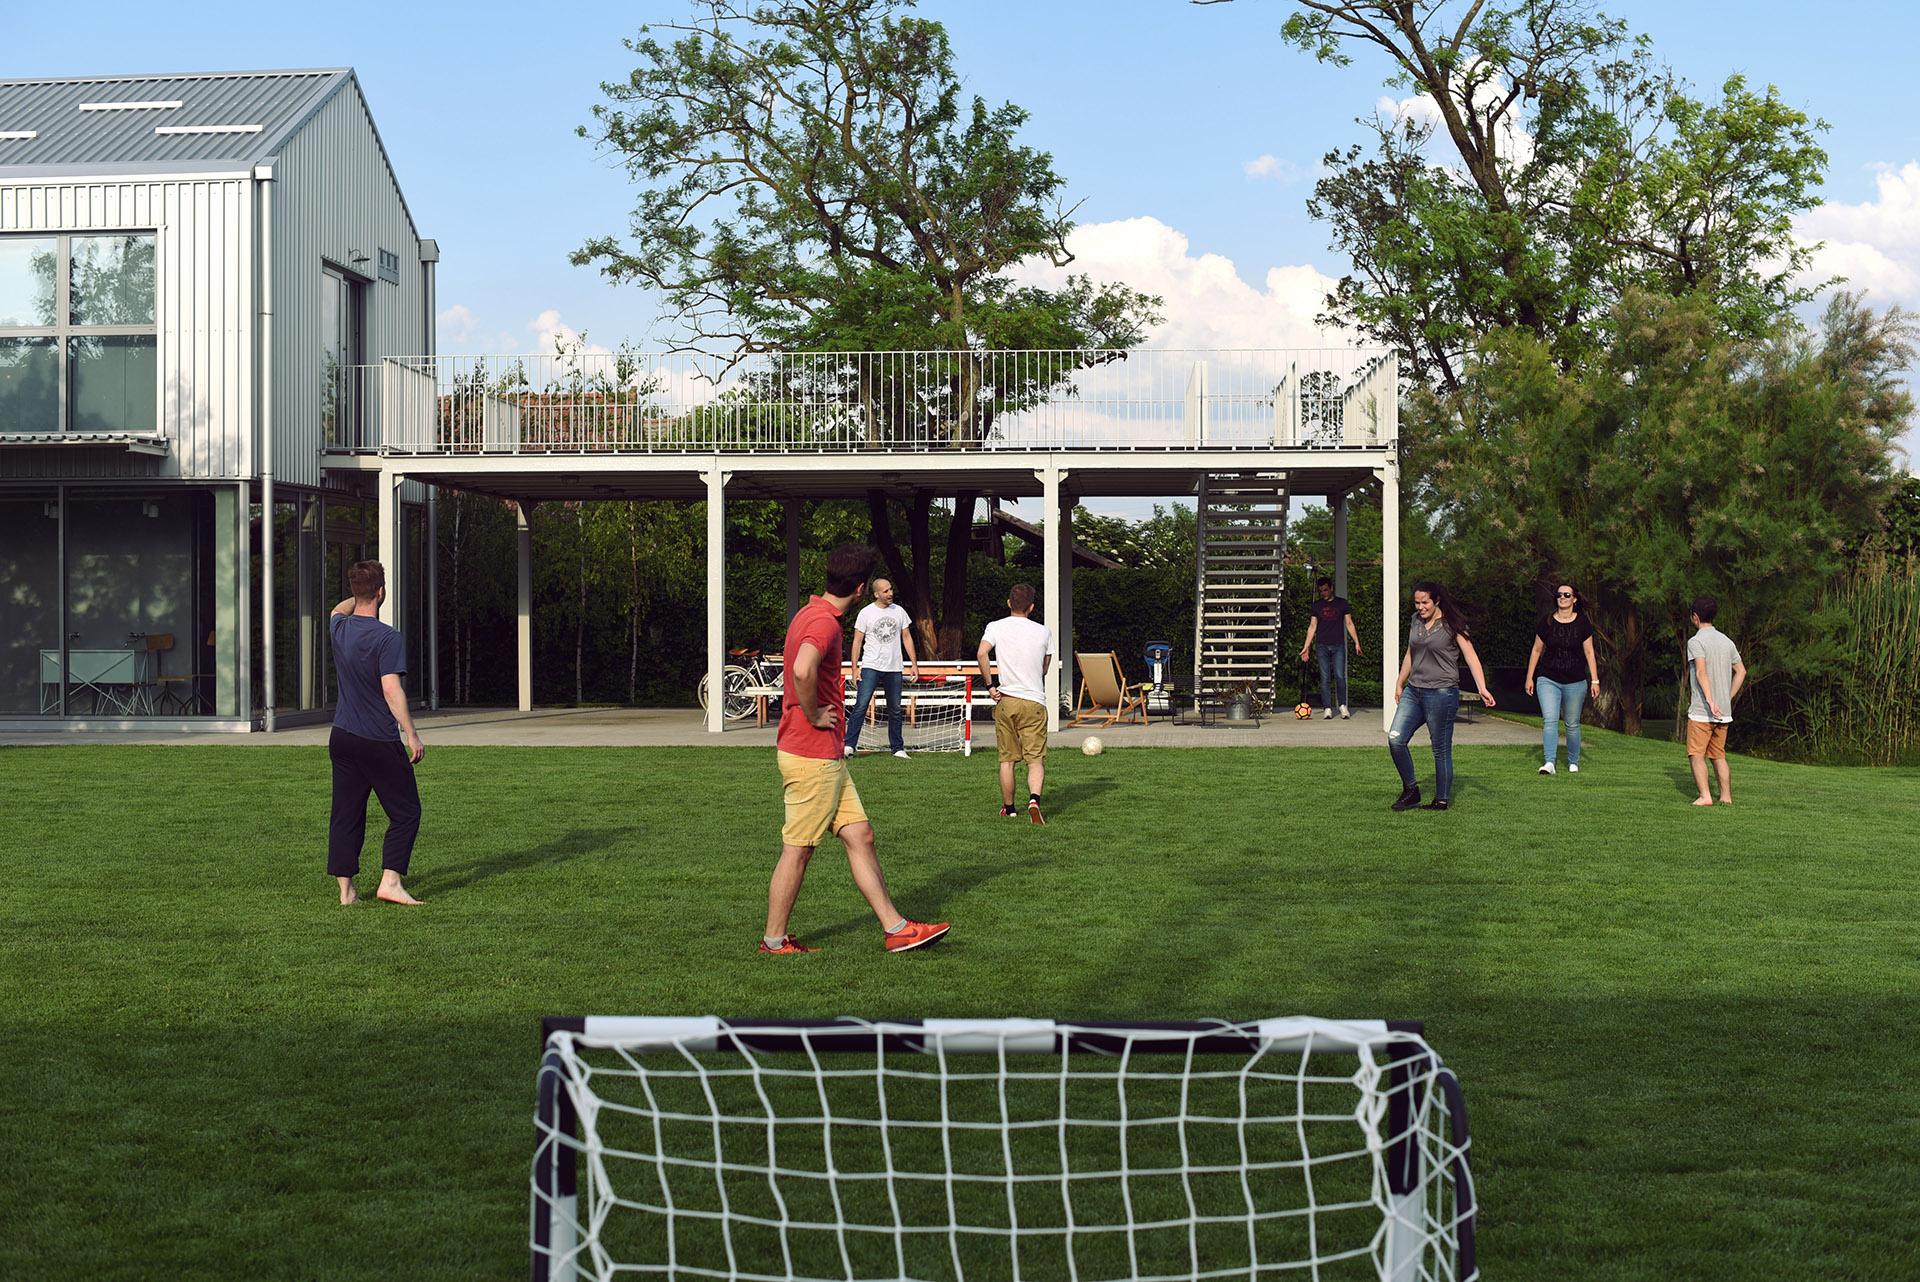 4 Yard Soccer